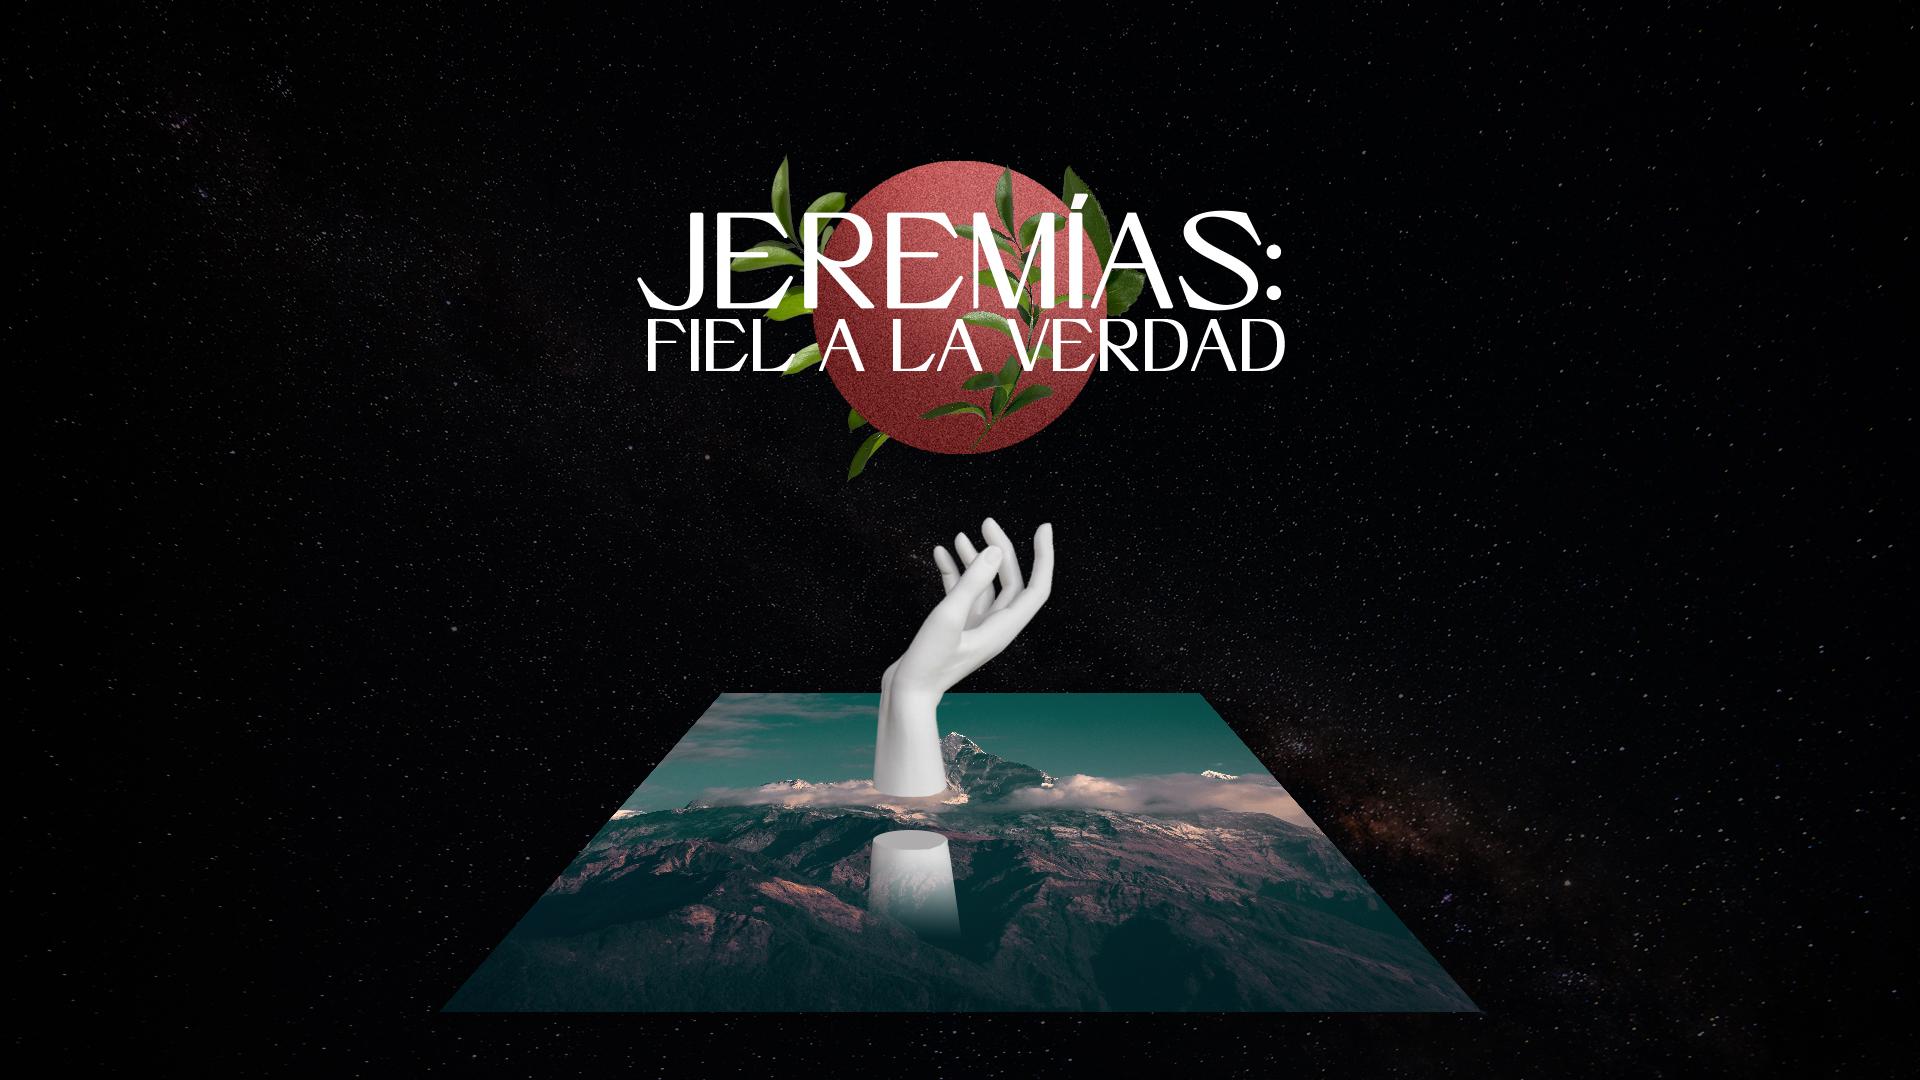 Jeremías, la vida de un hombre fiel